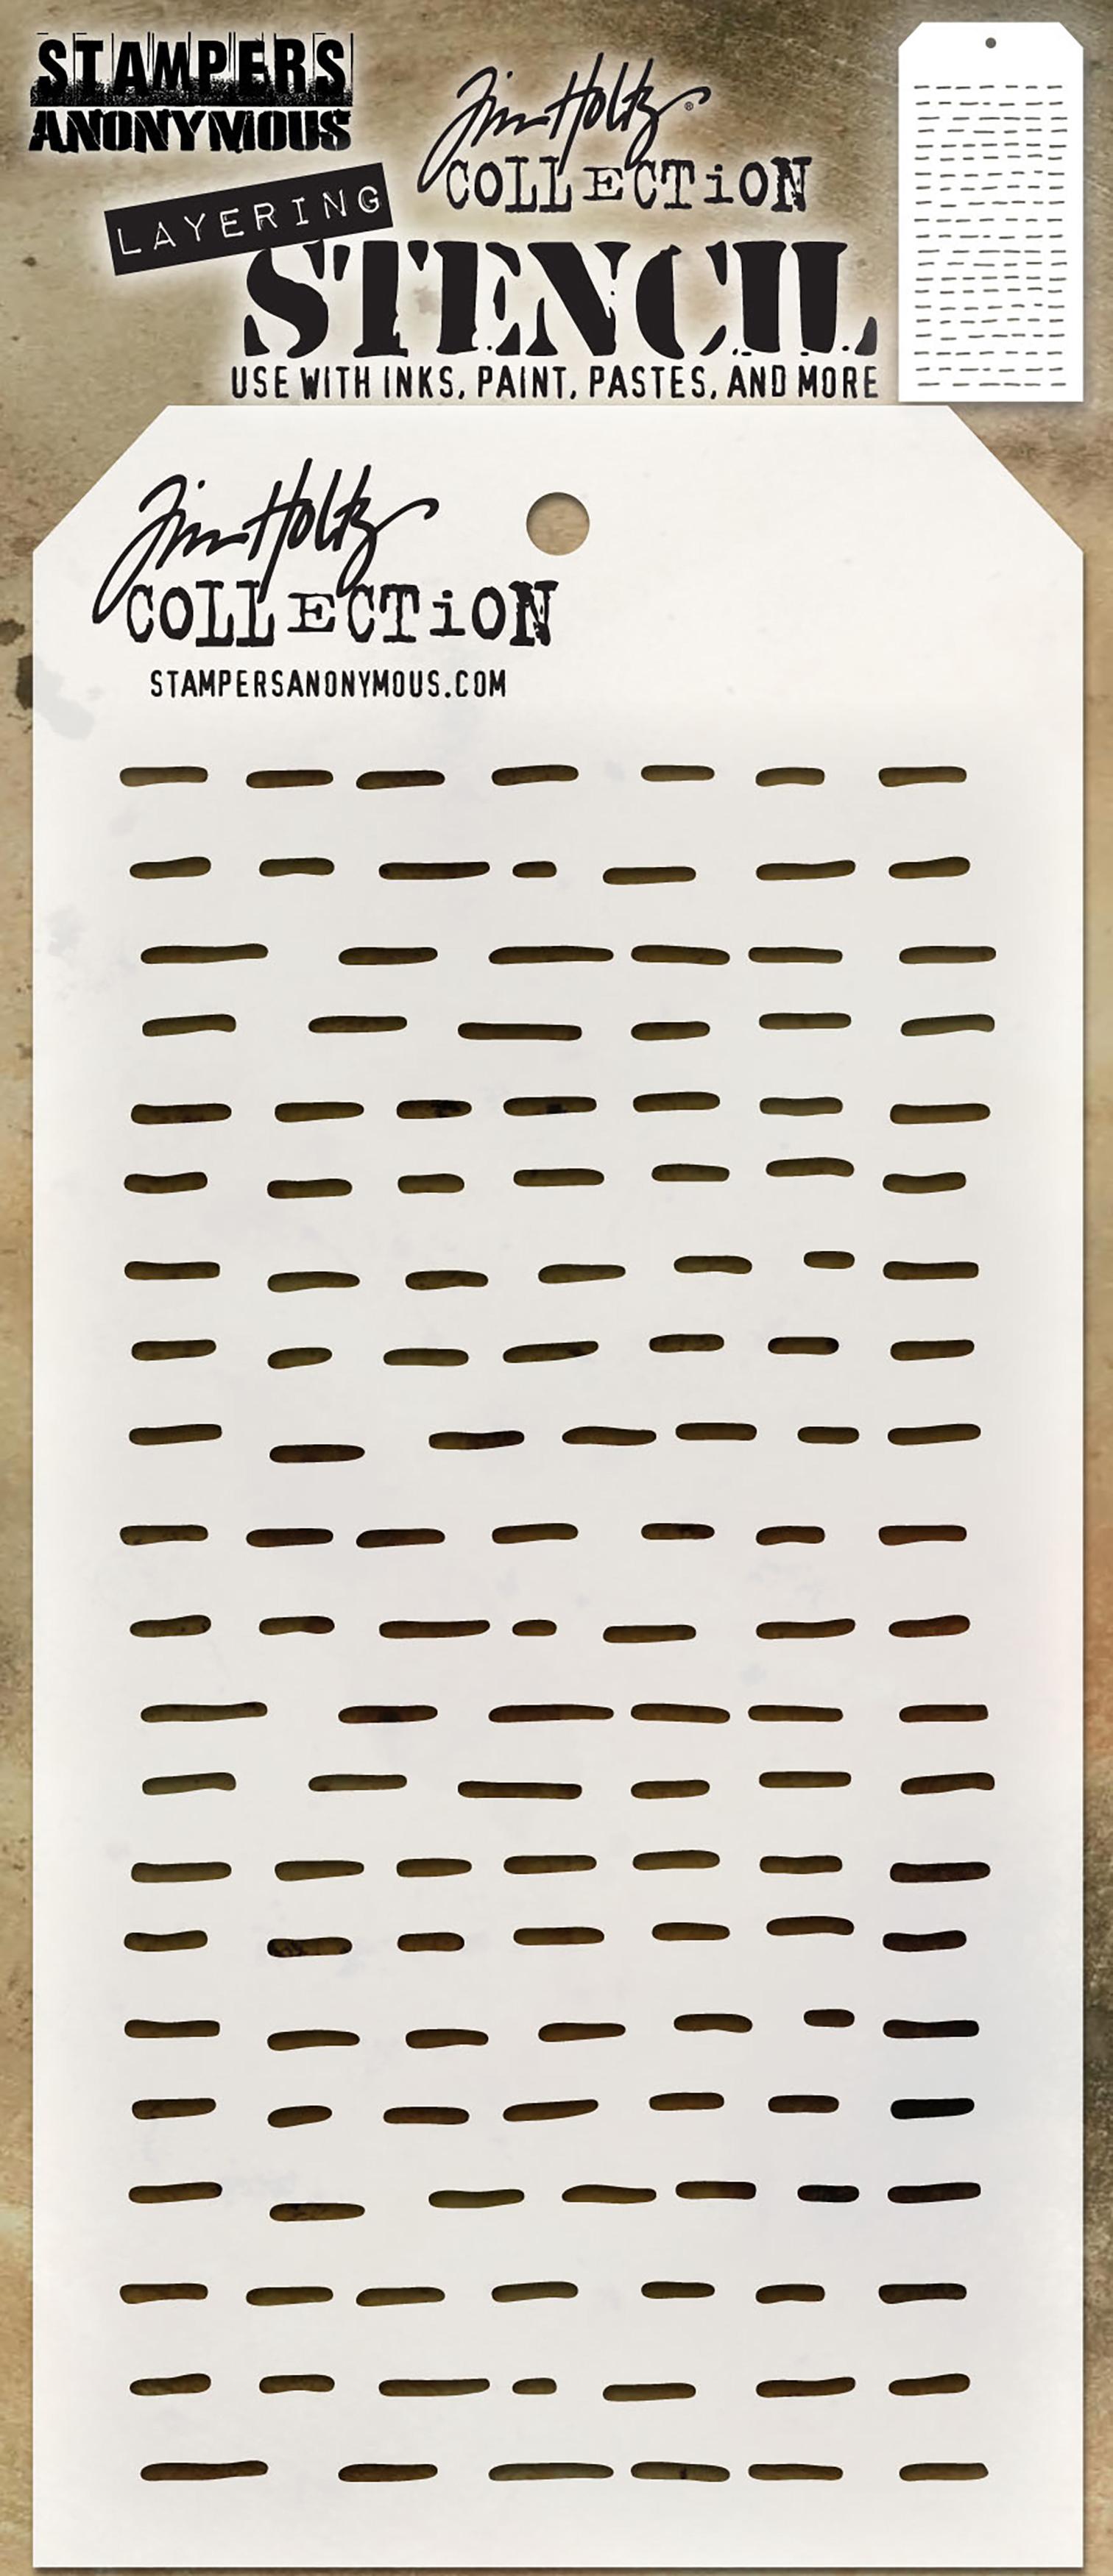 Tim Holtz Layered Stencil 4.125X8.5-Dashes